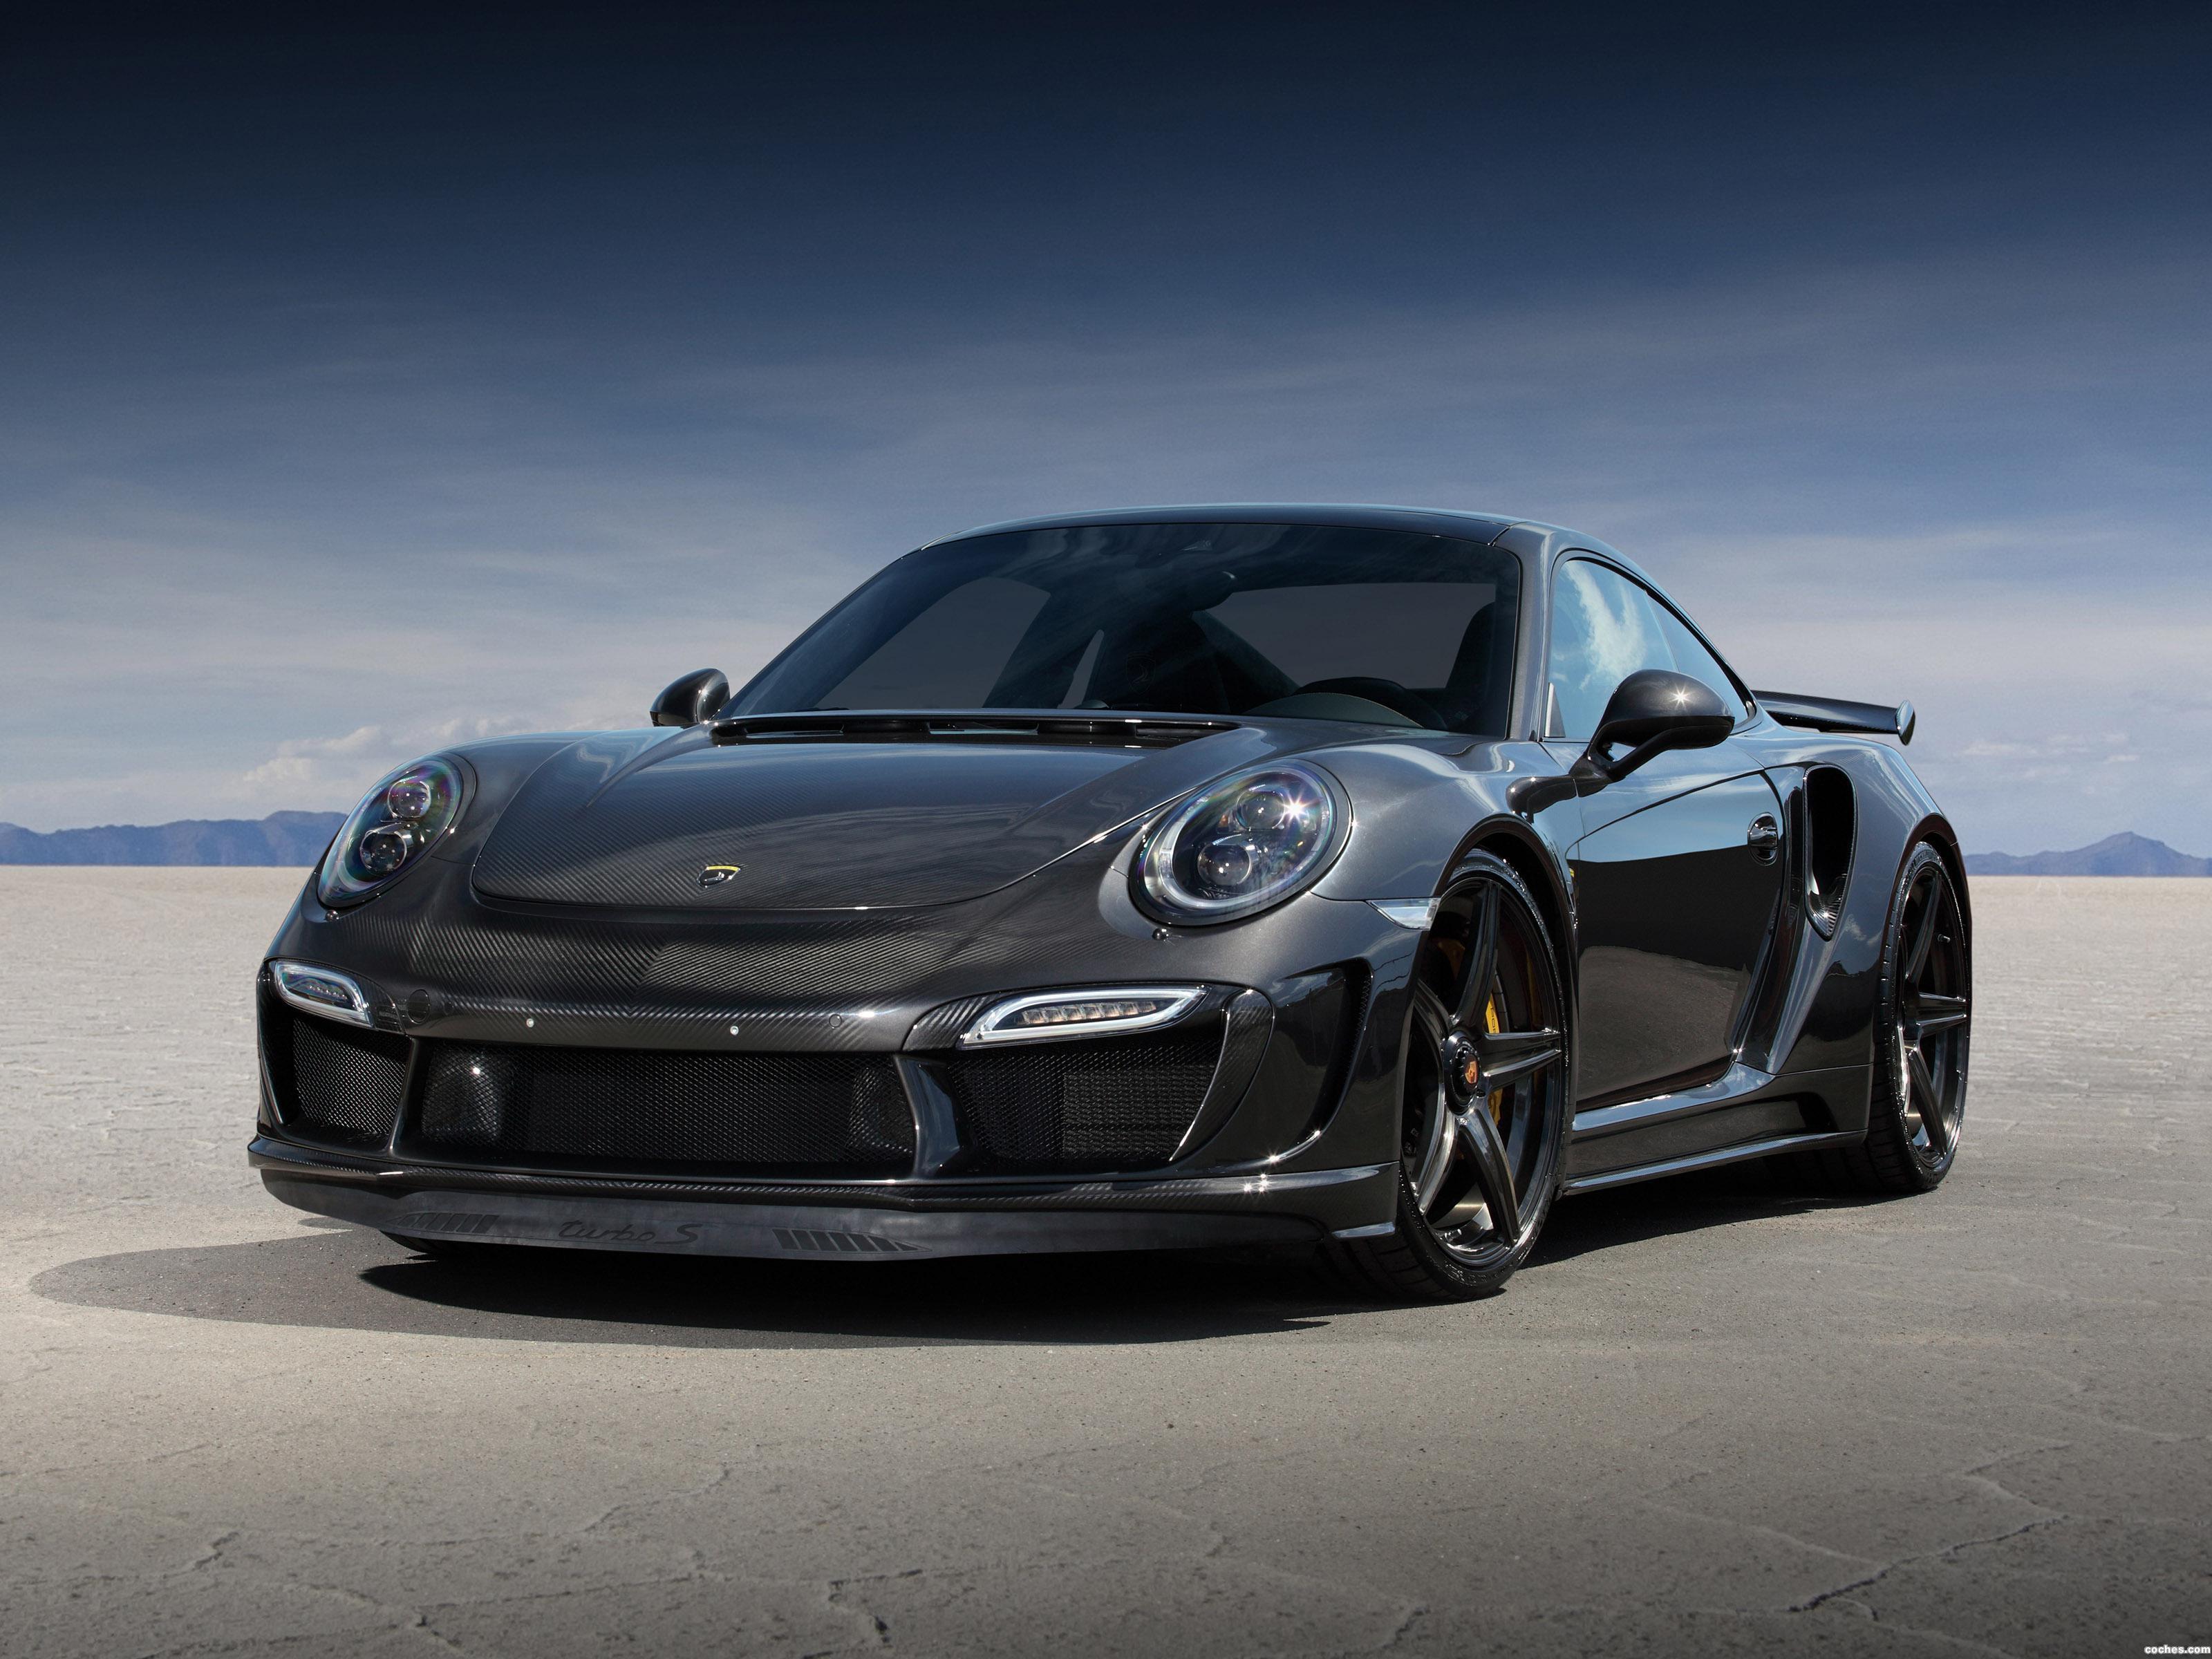 Foto 0 de Topcar Porsche 911 Turbo Stinger GTR Carbon Edition 991 2015